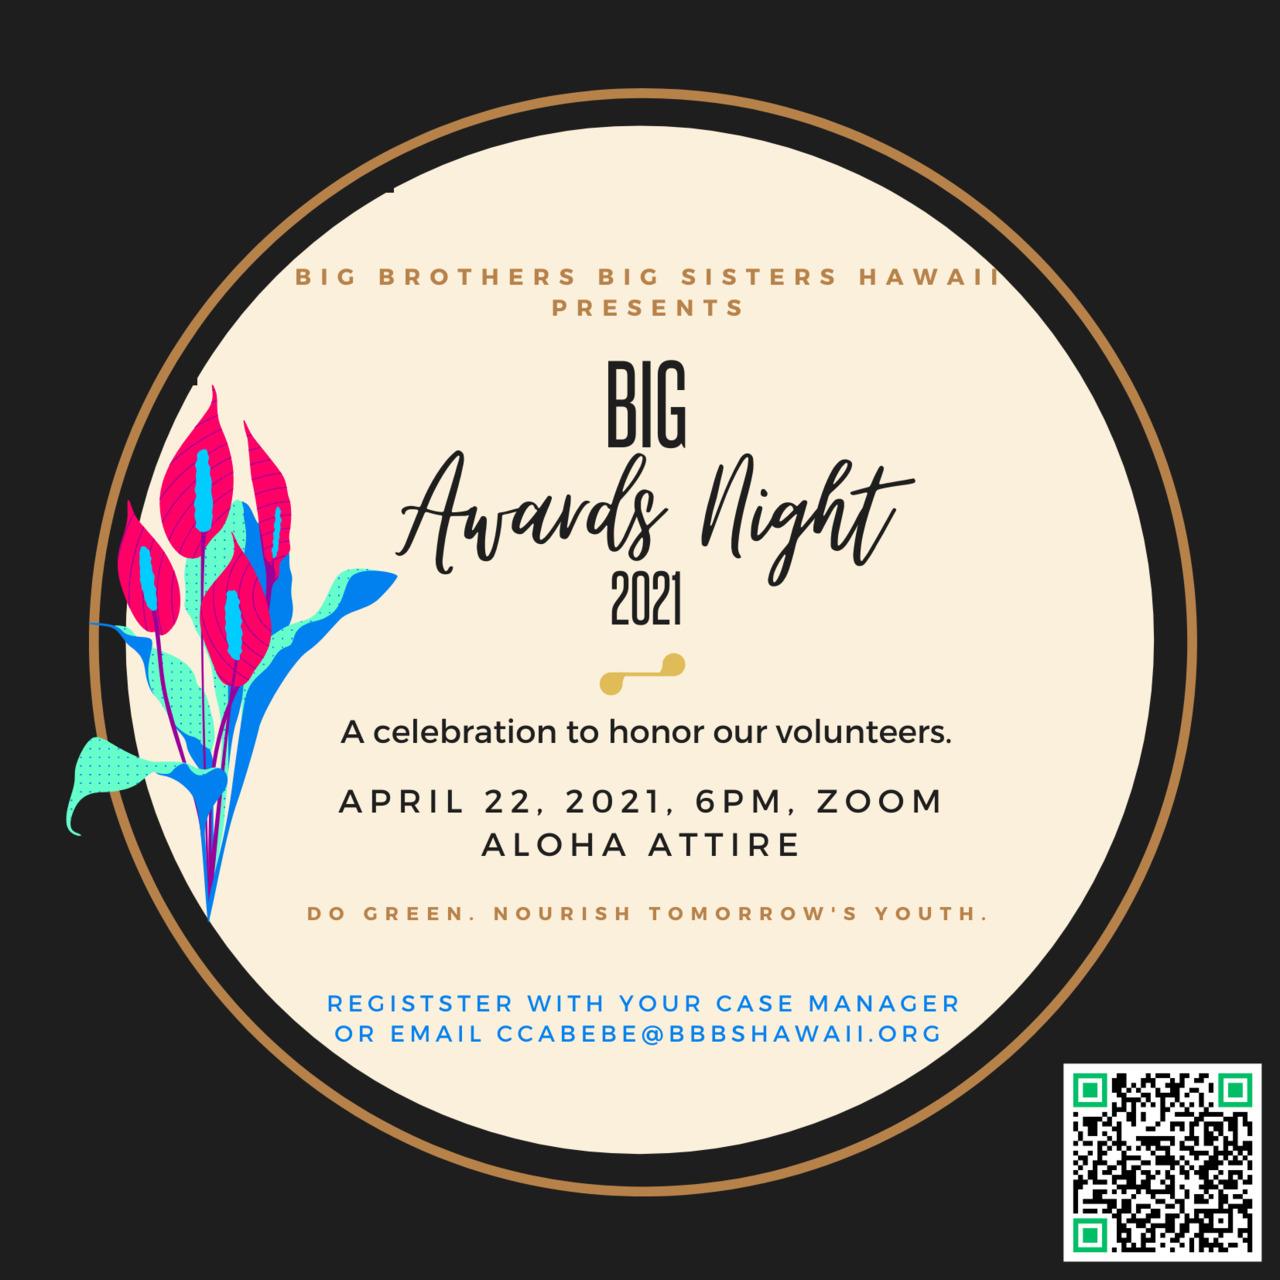 BIG Awards Night 2021